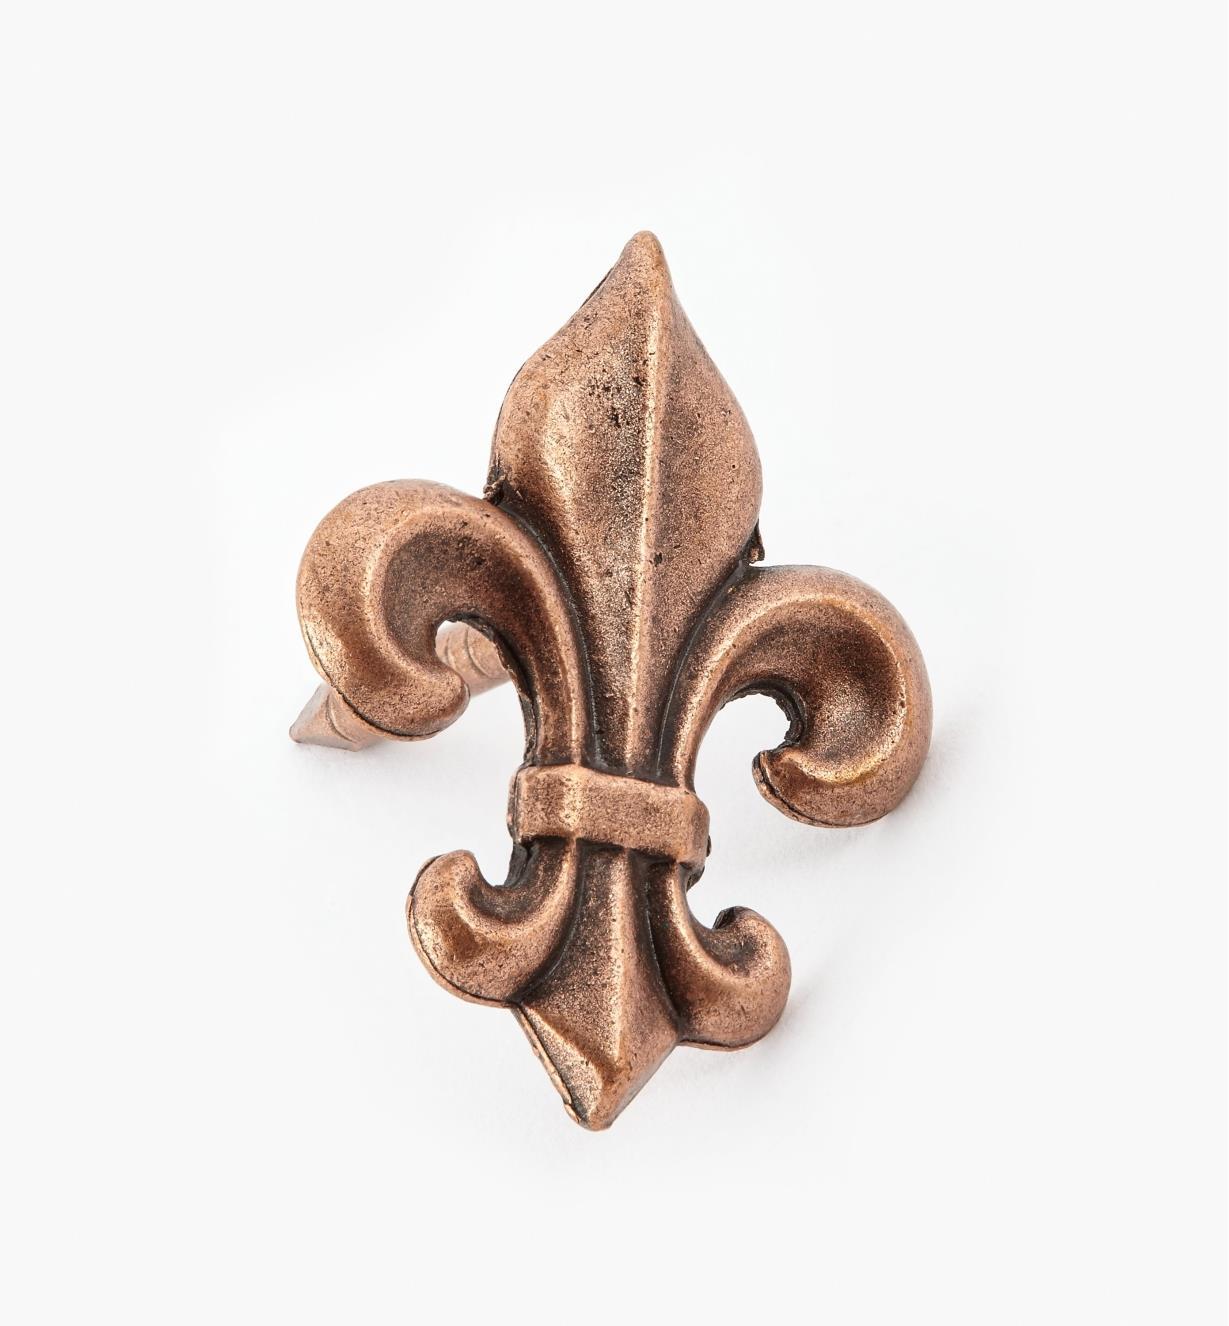 """00T0956 - Fleur-de-Lis Clavos, 1 1/4"""" x 3/4"""", Antique Copper, ea."""